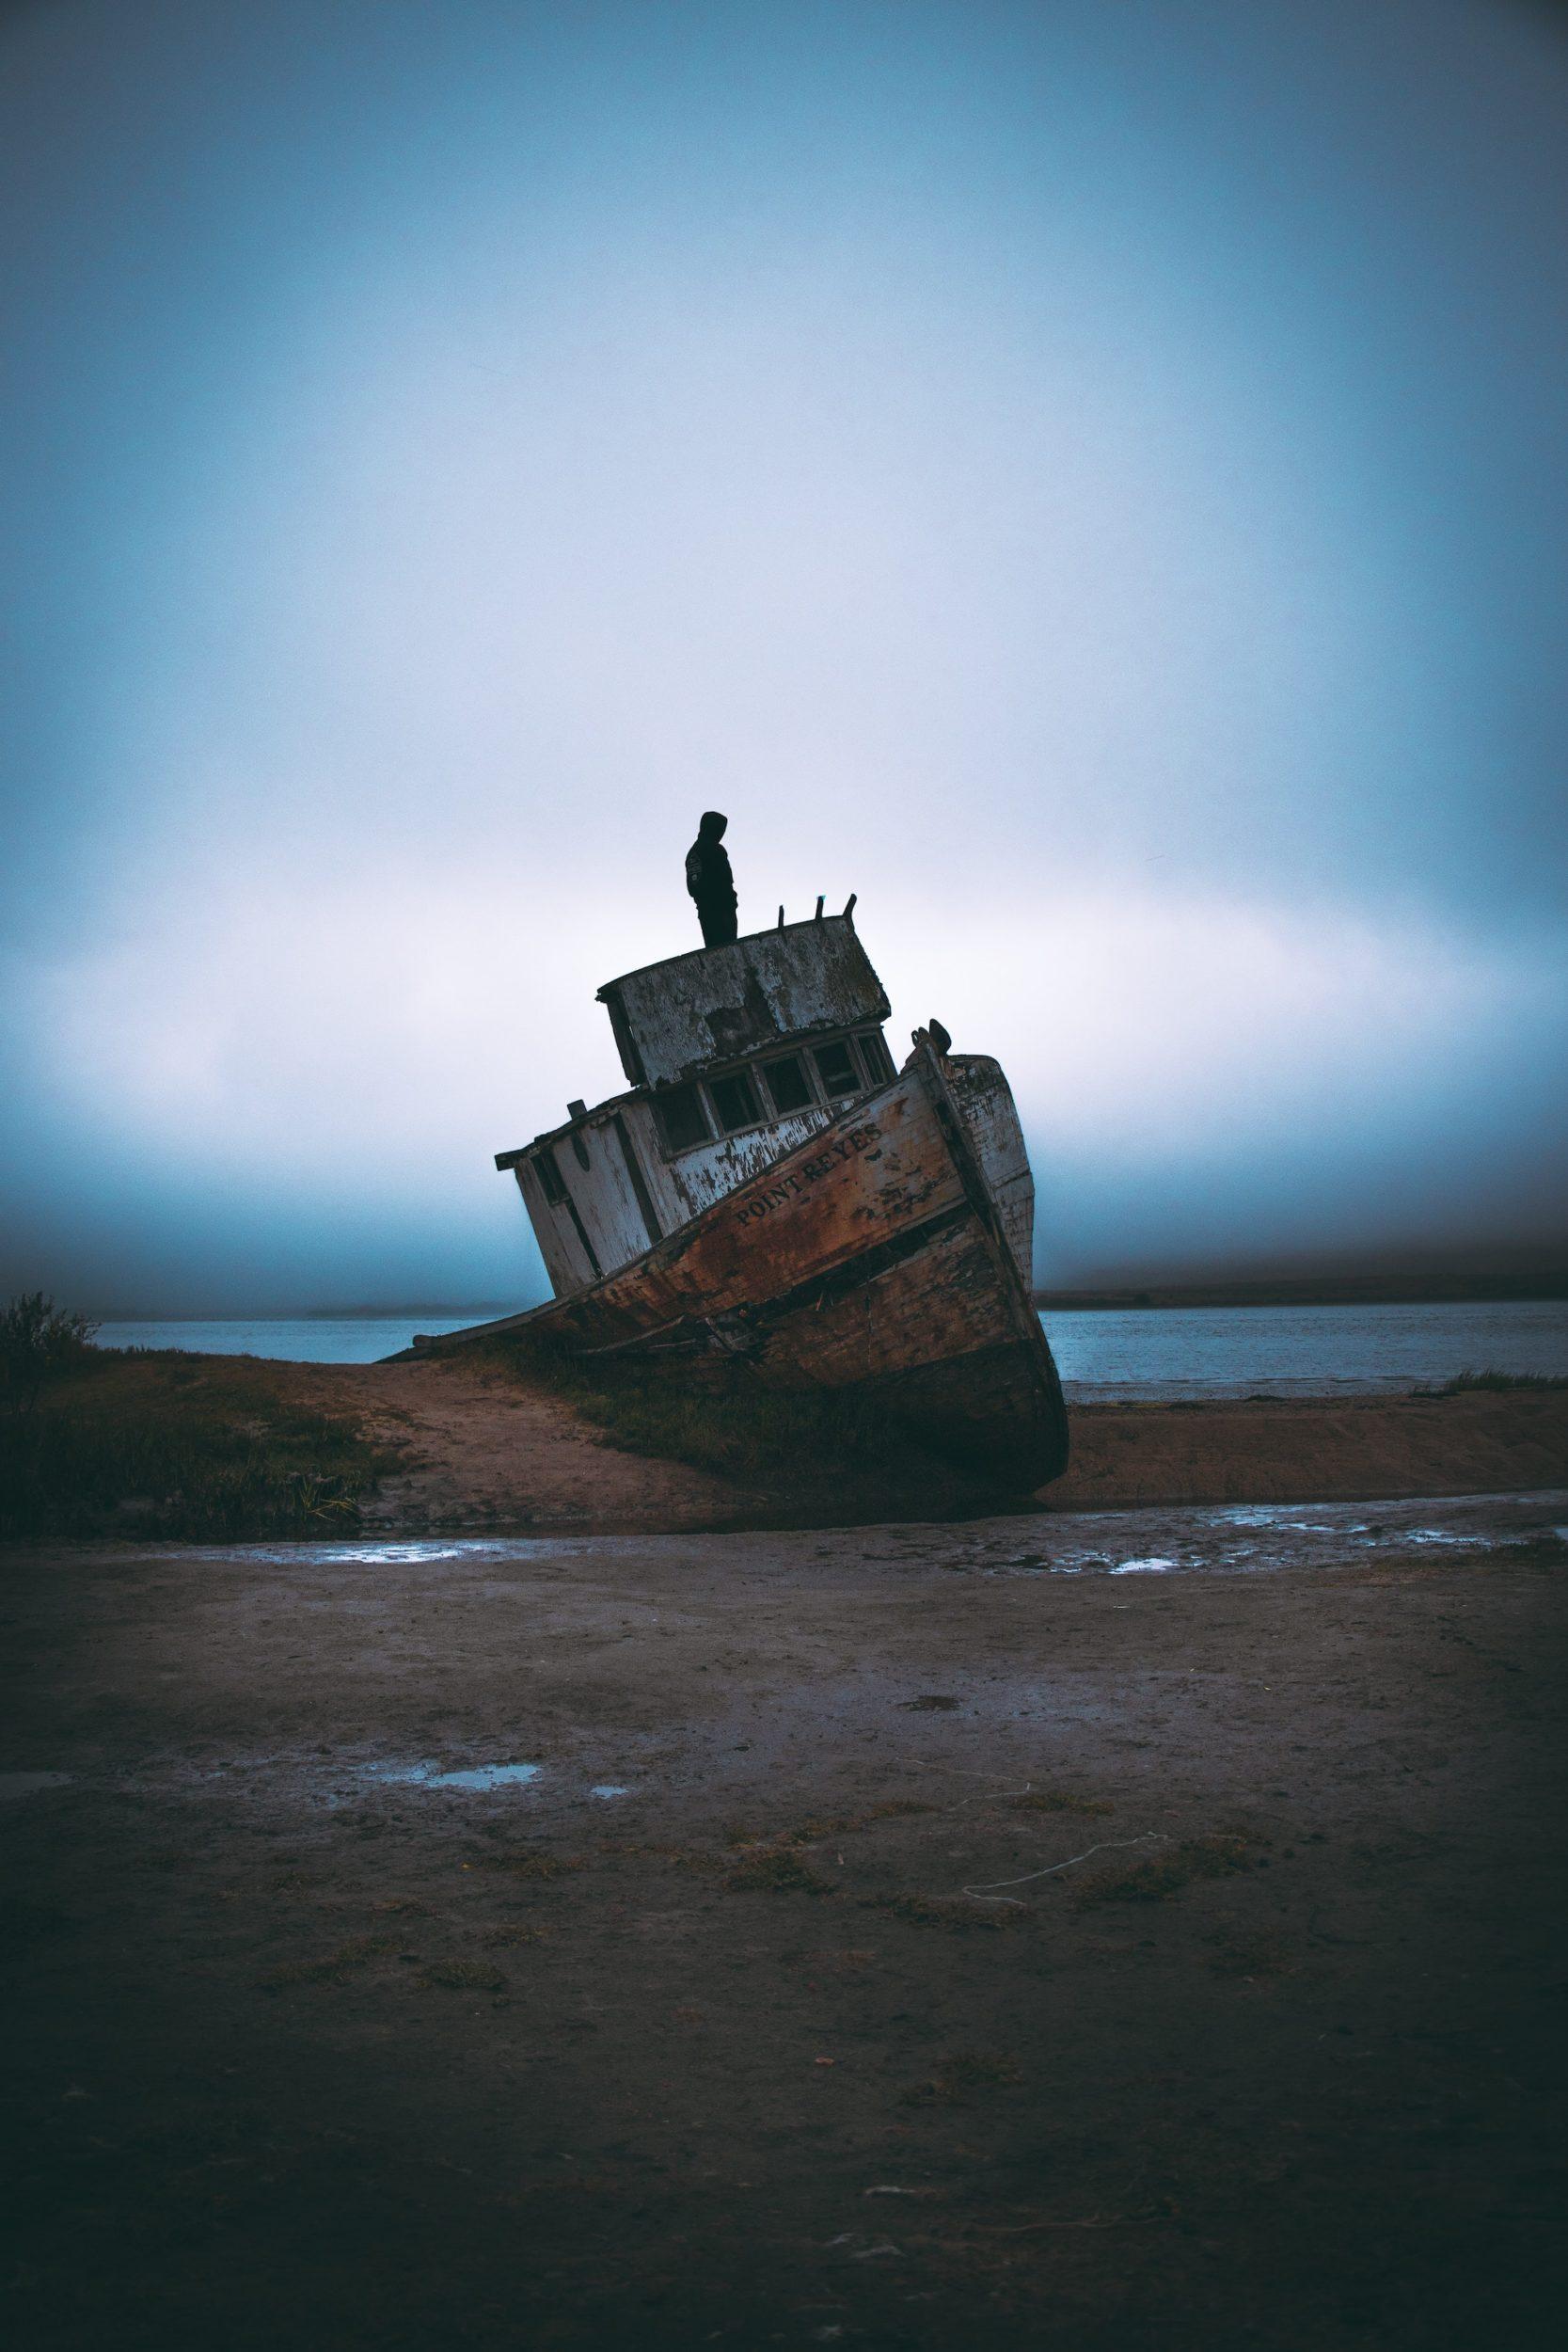 Schiffswrack am Strand mit Person